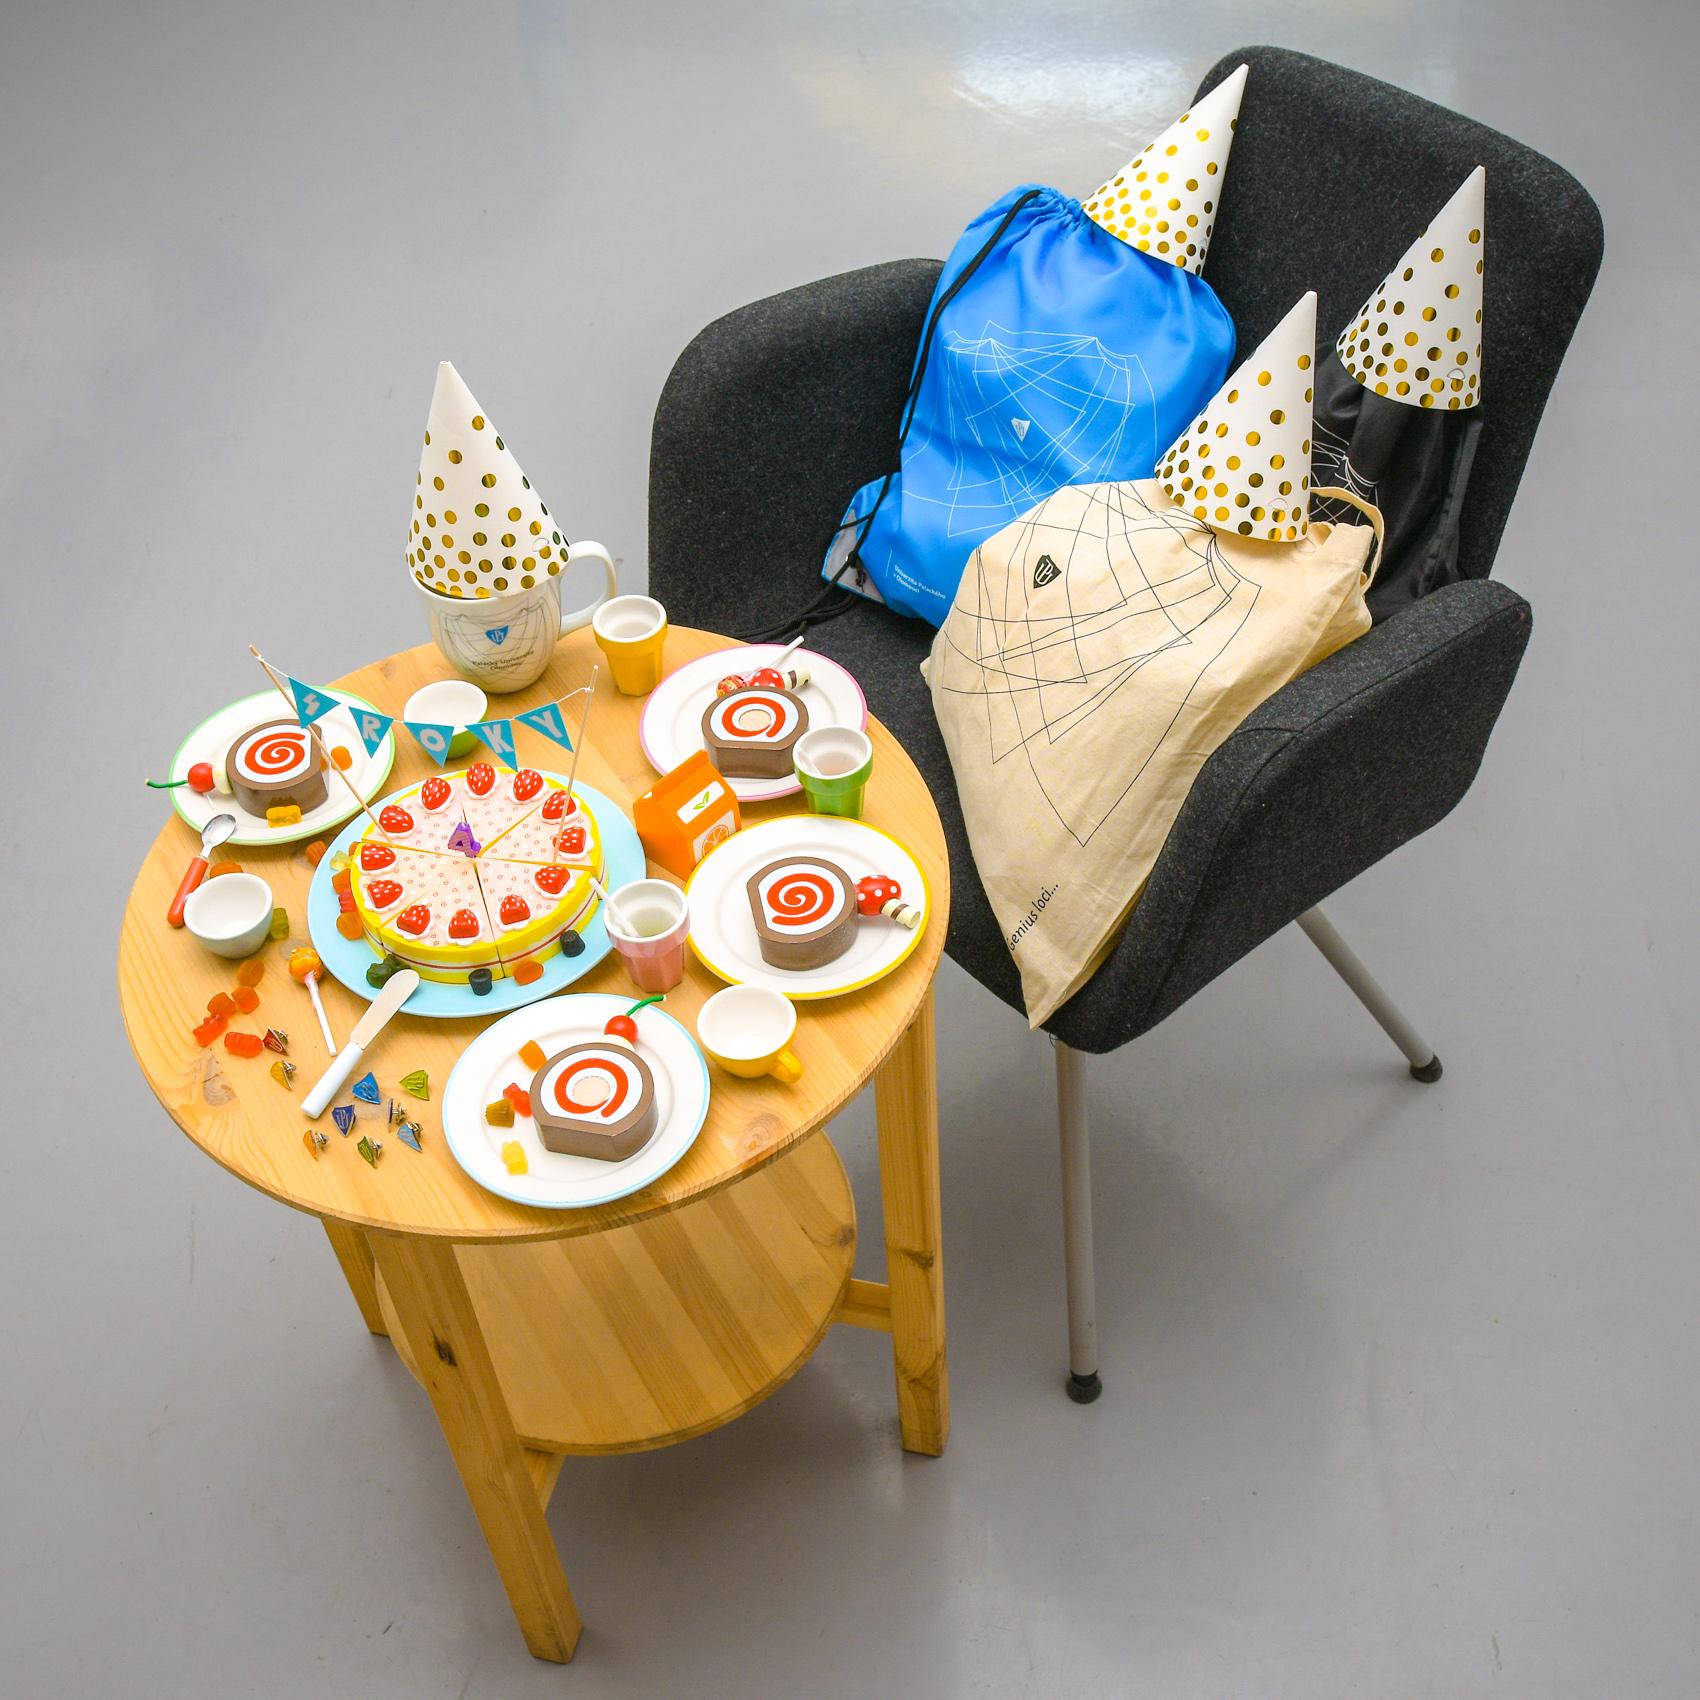 UPoint slaví 4. narozeniny!